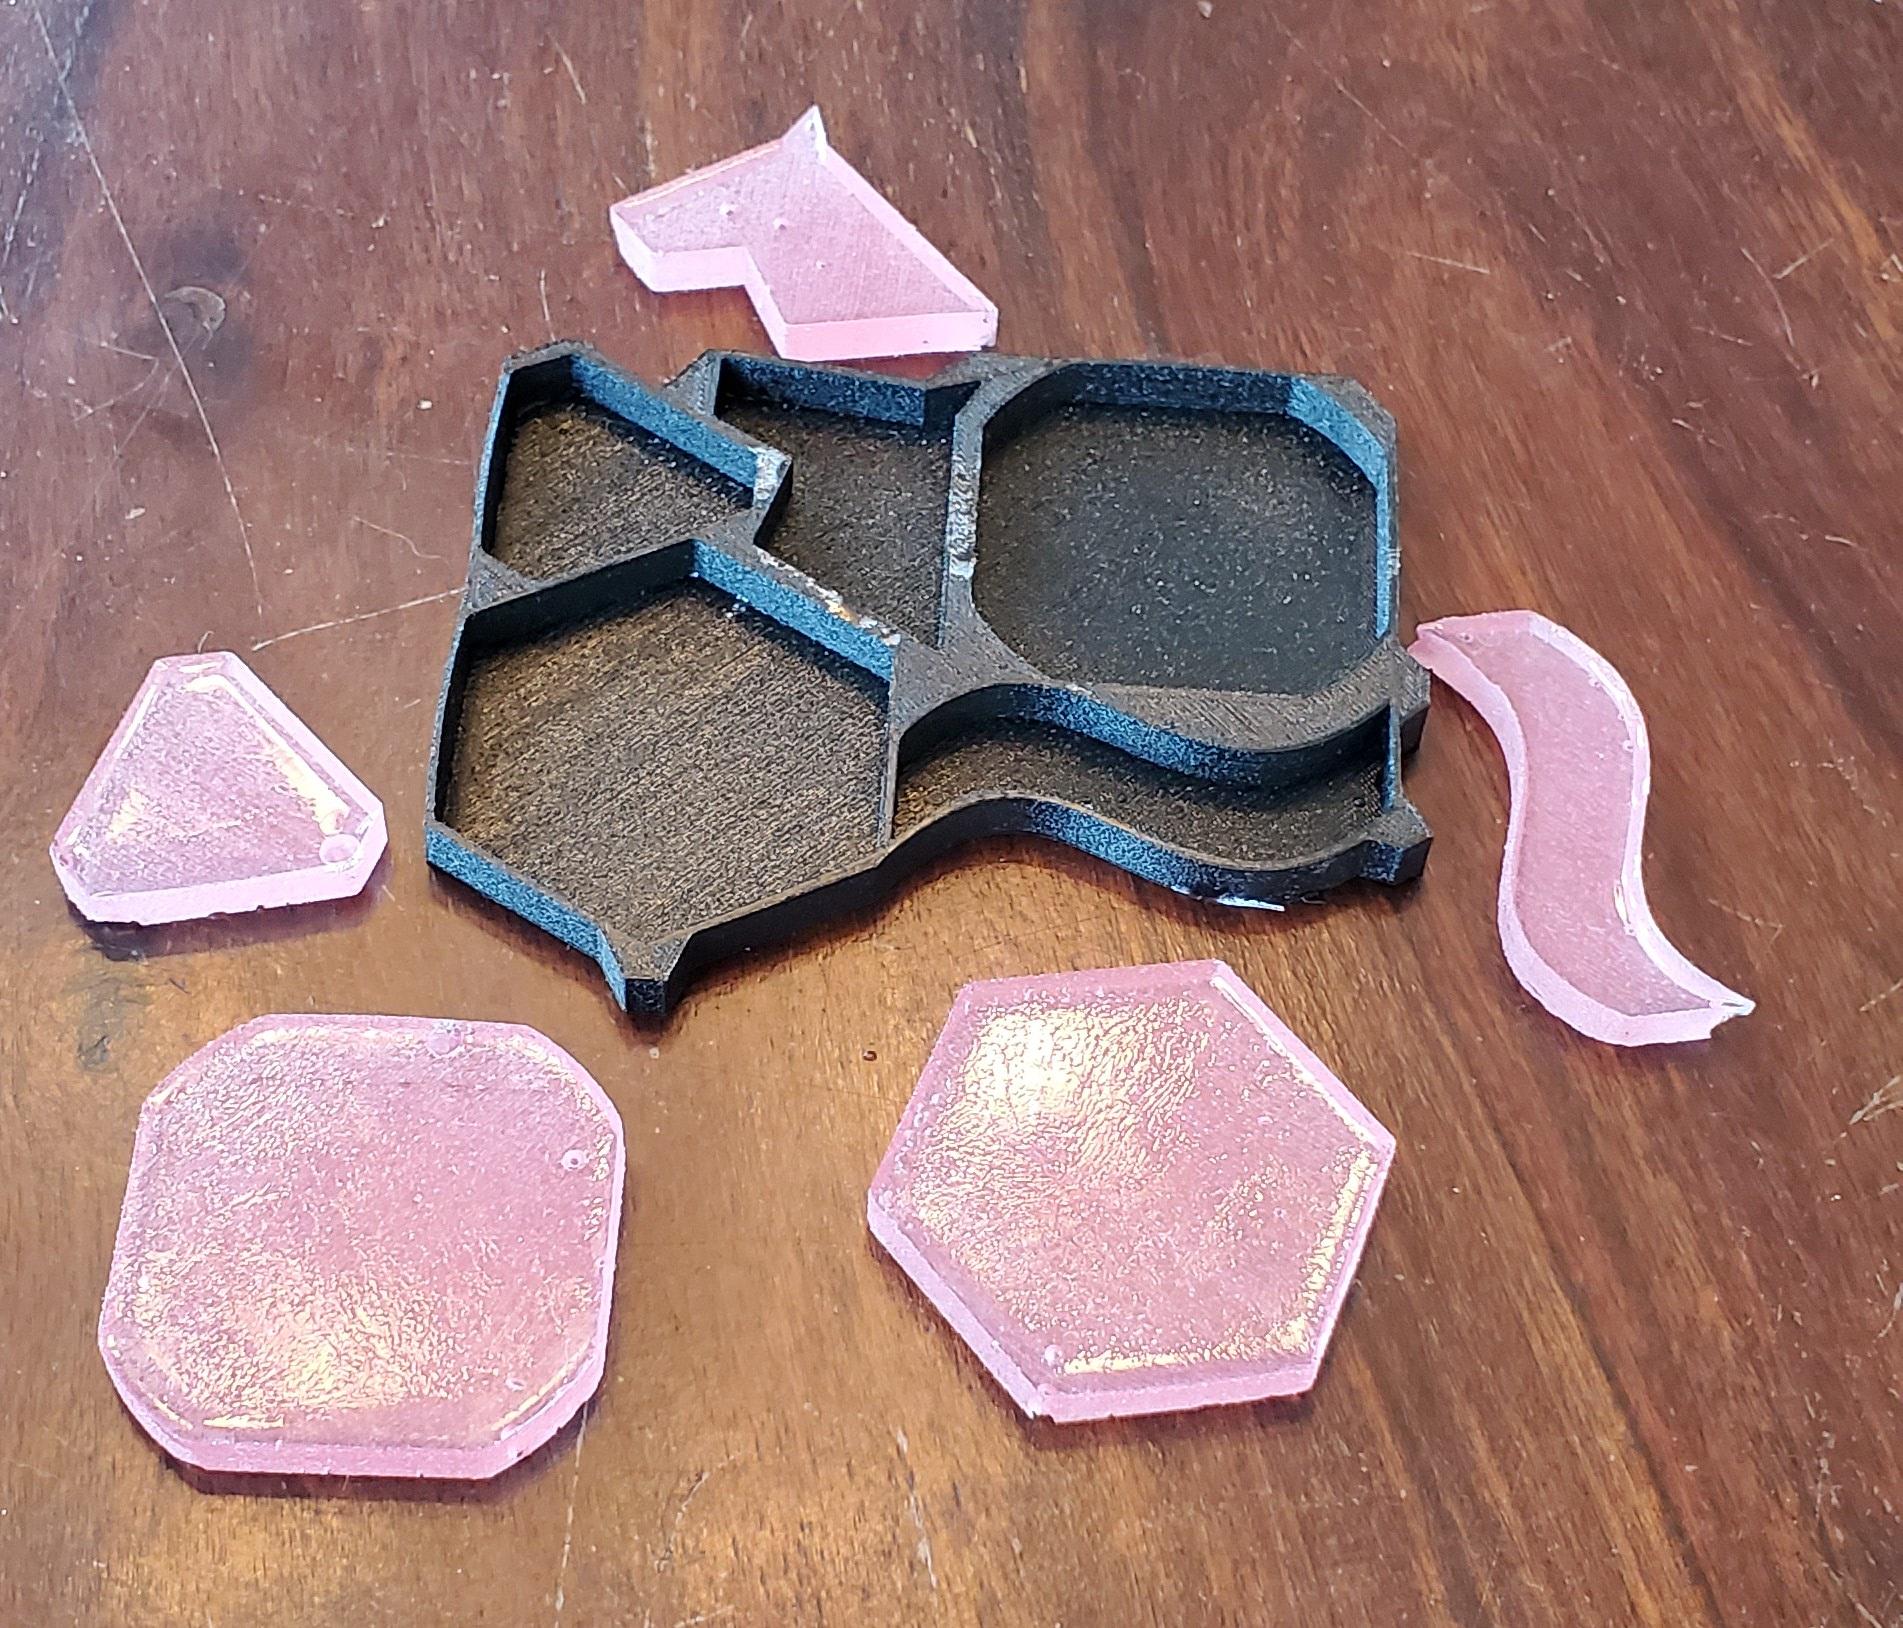 3d printed tpu mold reusable